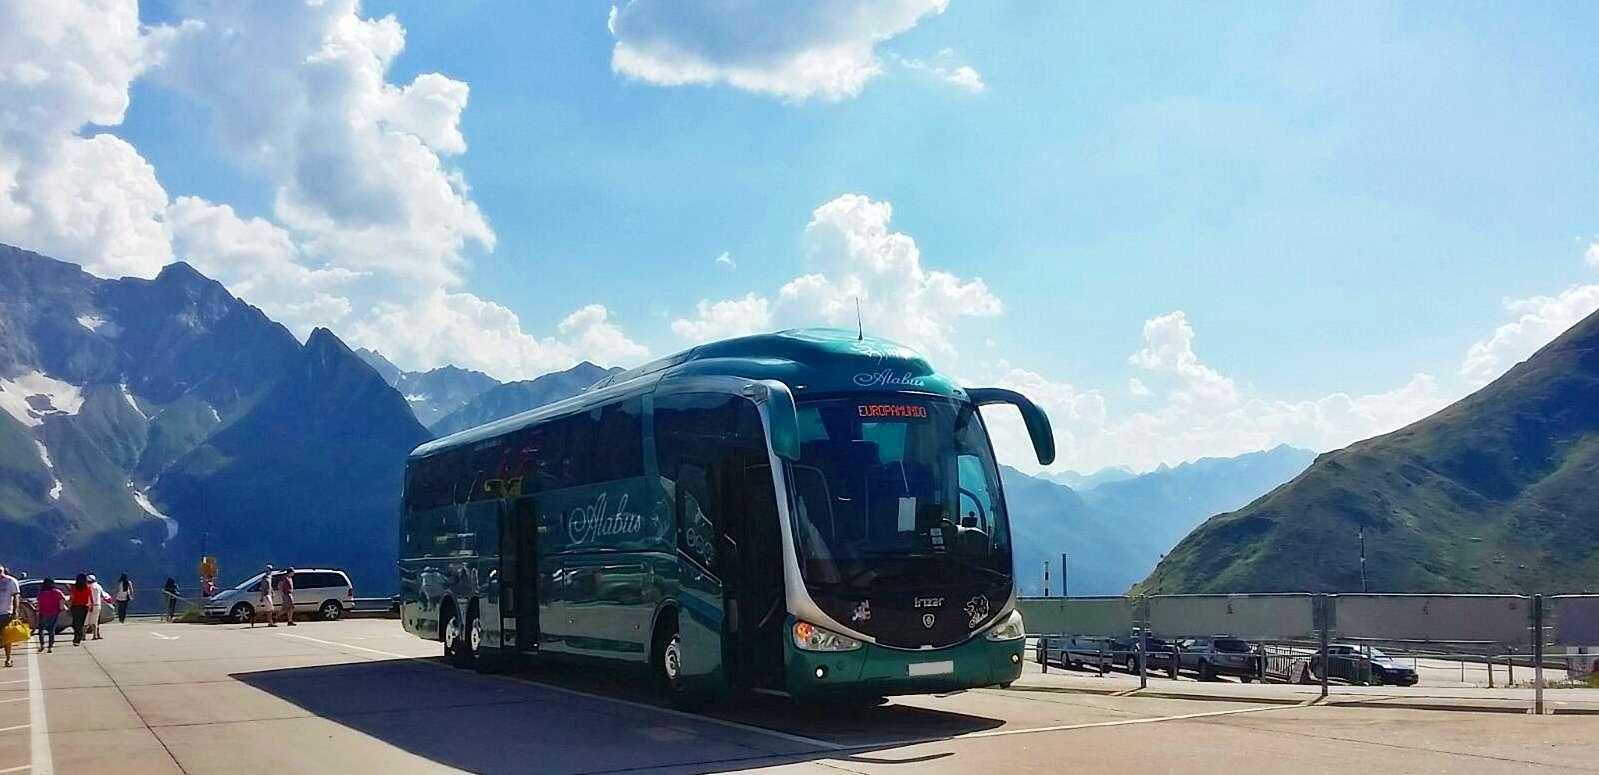 Autobús de alabus en excursión